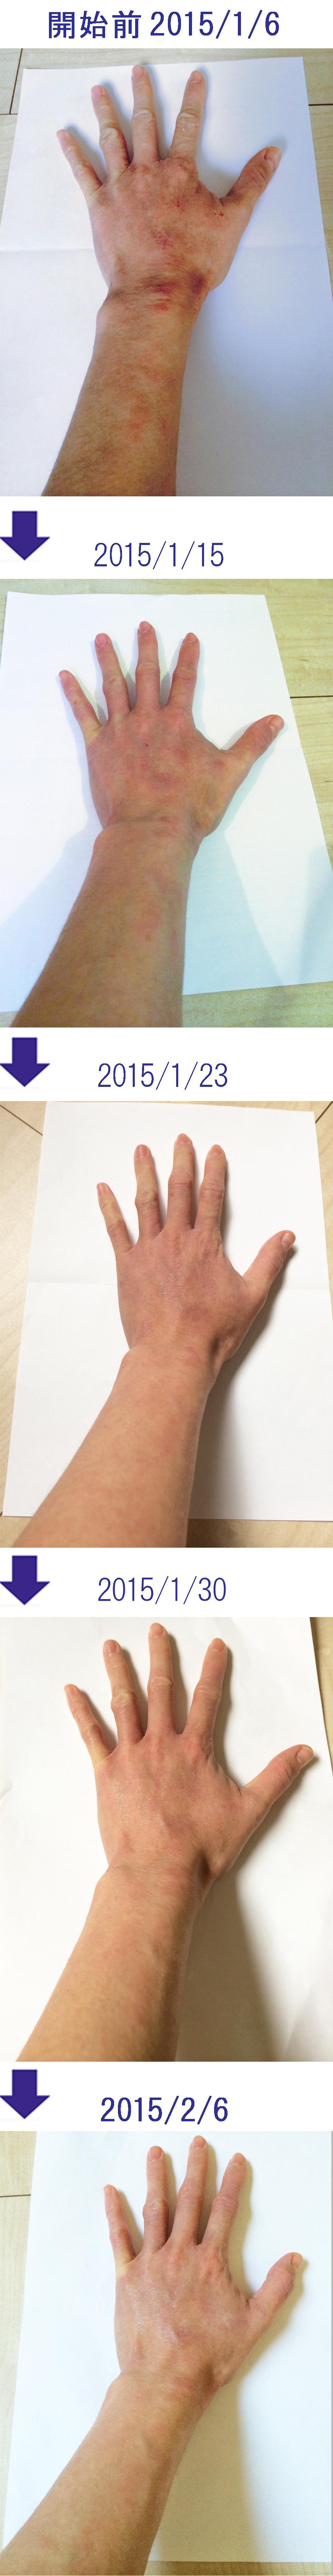 アトピー性皮膚炎の痒み原因対策化粧品・女性の腕・手/ダチョウ卵黄エキス/レイドラテ・ラ・ポー